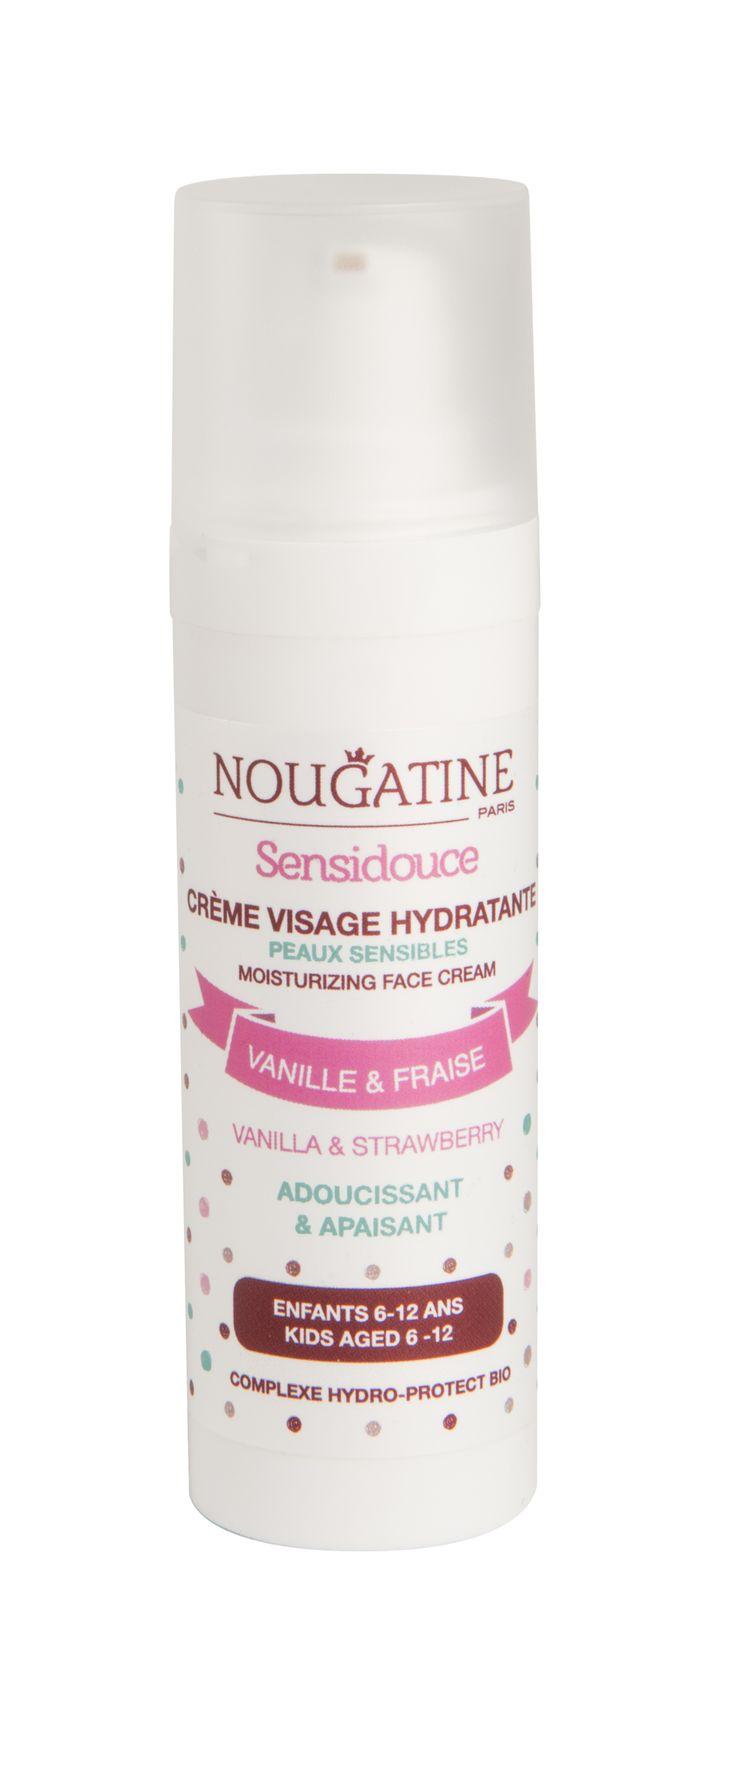 Doux Good - Nougatine - Crème hydratante Sensidouce pour peaux sensibles, doux parfum vanille-fraise #cosmétiques #naturels #enfants #onevoice